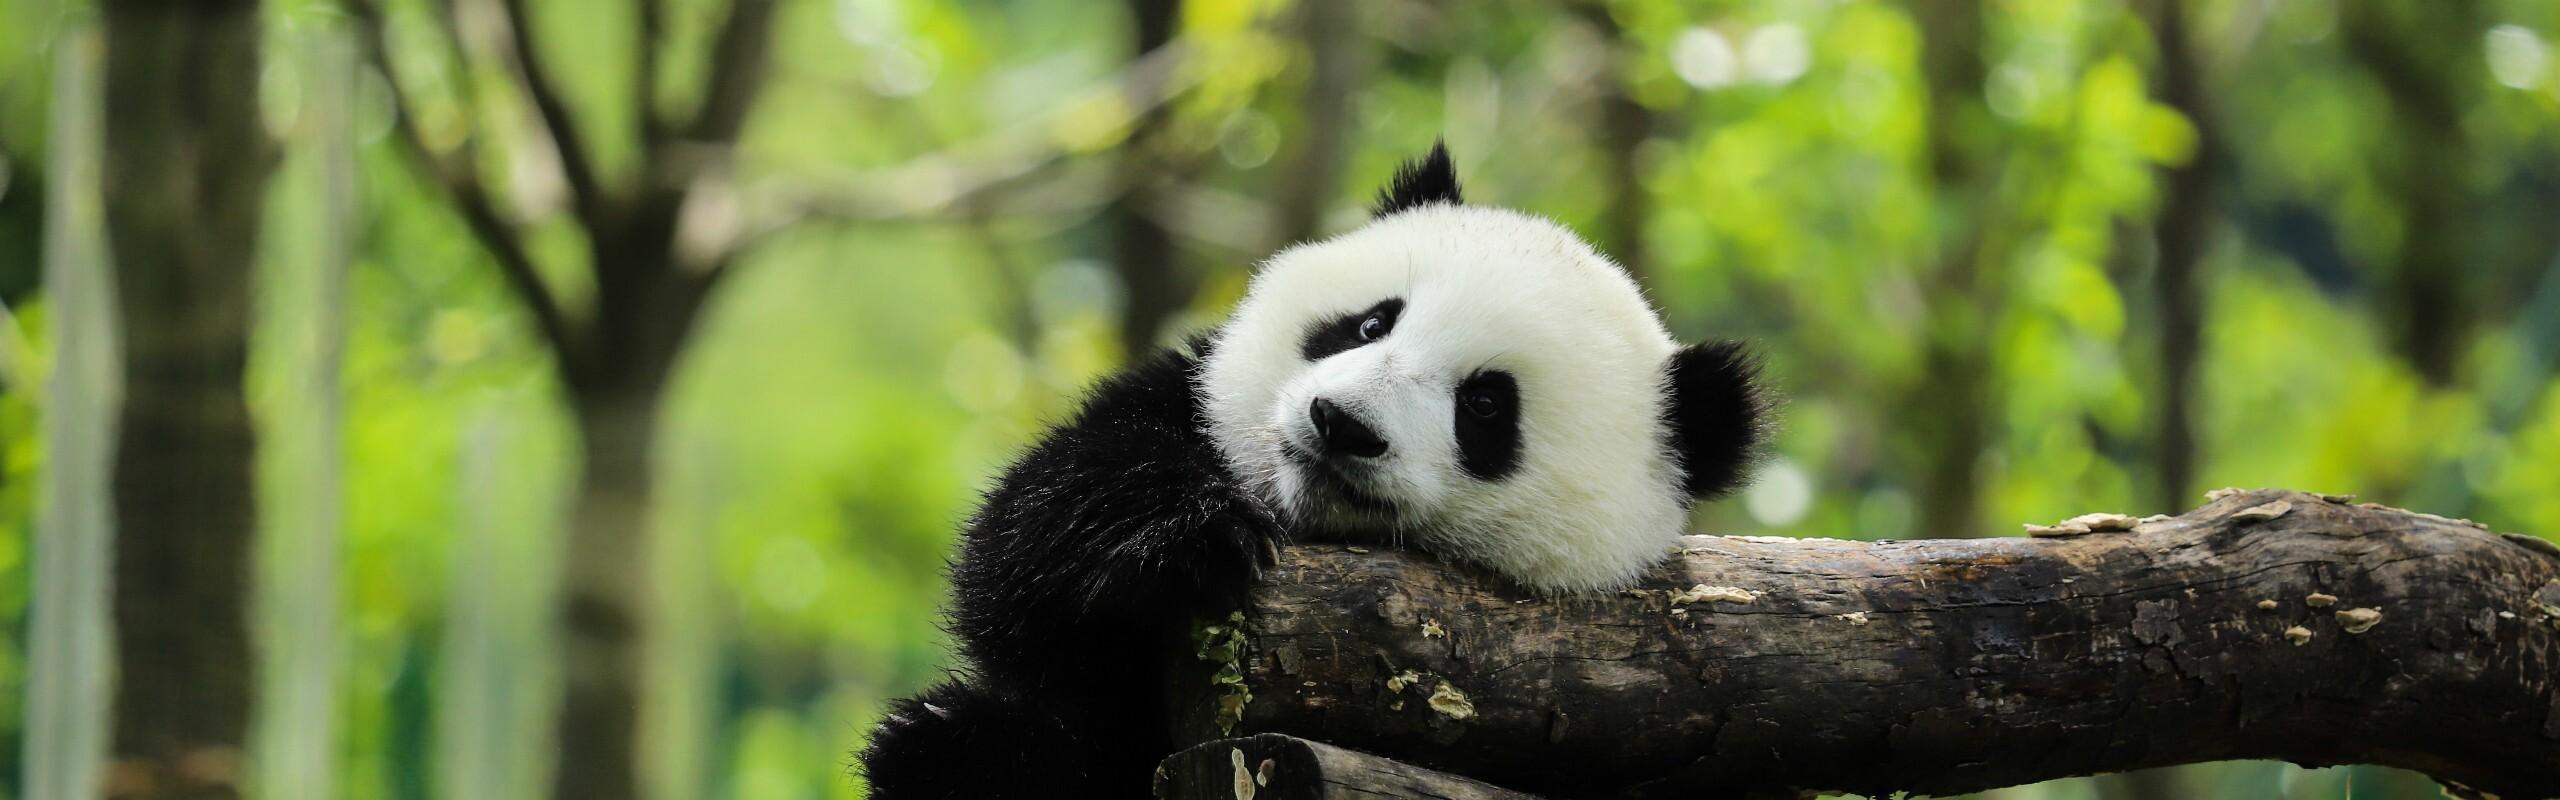 13-Day China Essence and Panda Tour